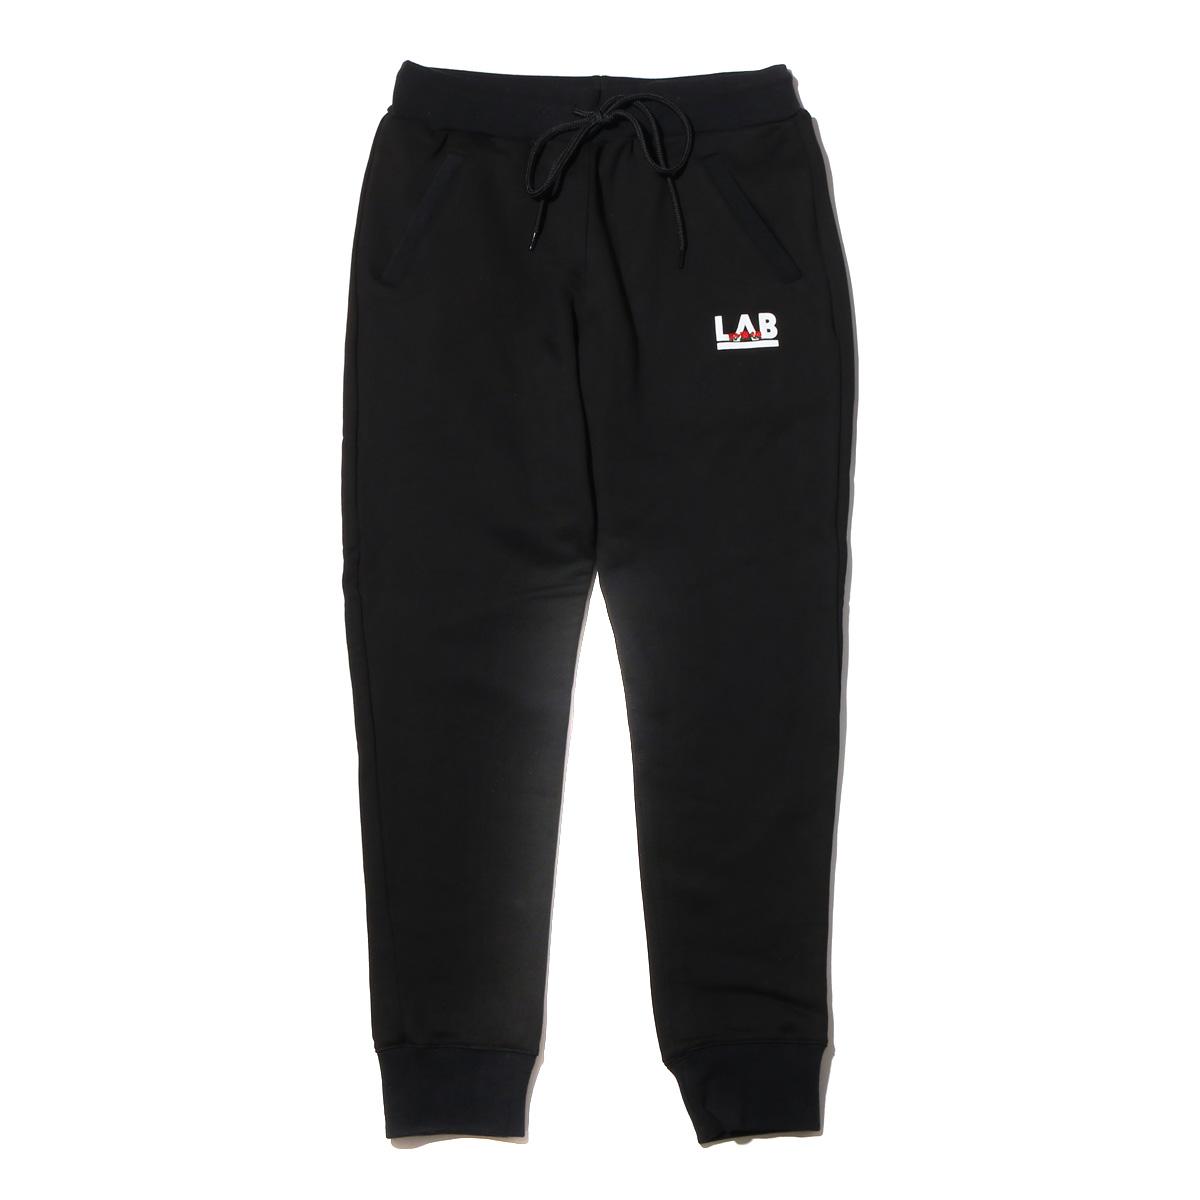 ATMOS LAB ROSE EMBROIDERY SWEAT PANTS (アトモス ラボ ローズ エンブロイダリー スウェット パンツ) BLACK【メンズ スウェットパンツ】18SS-I